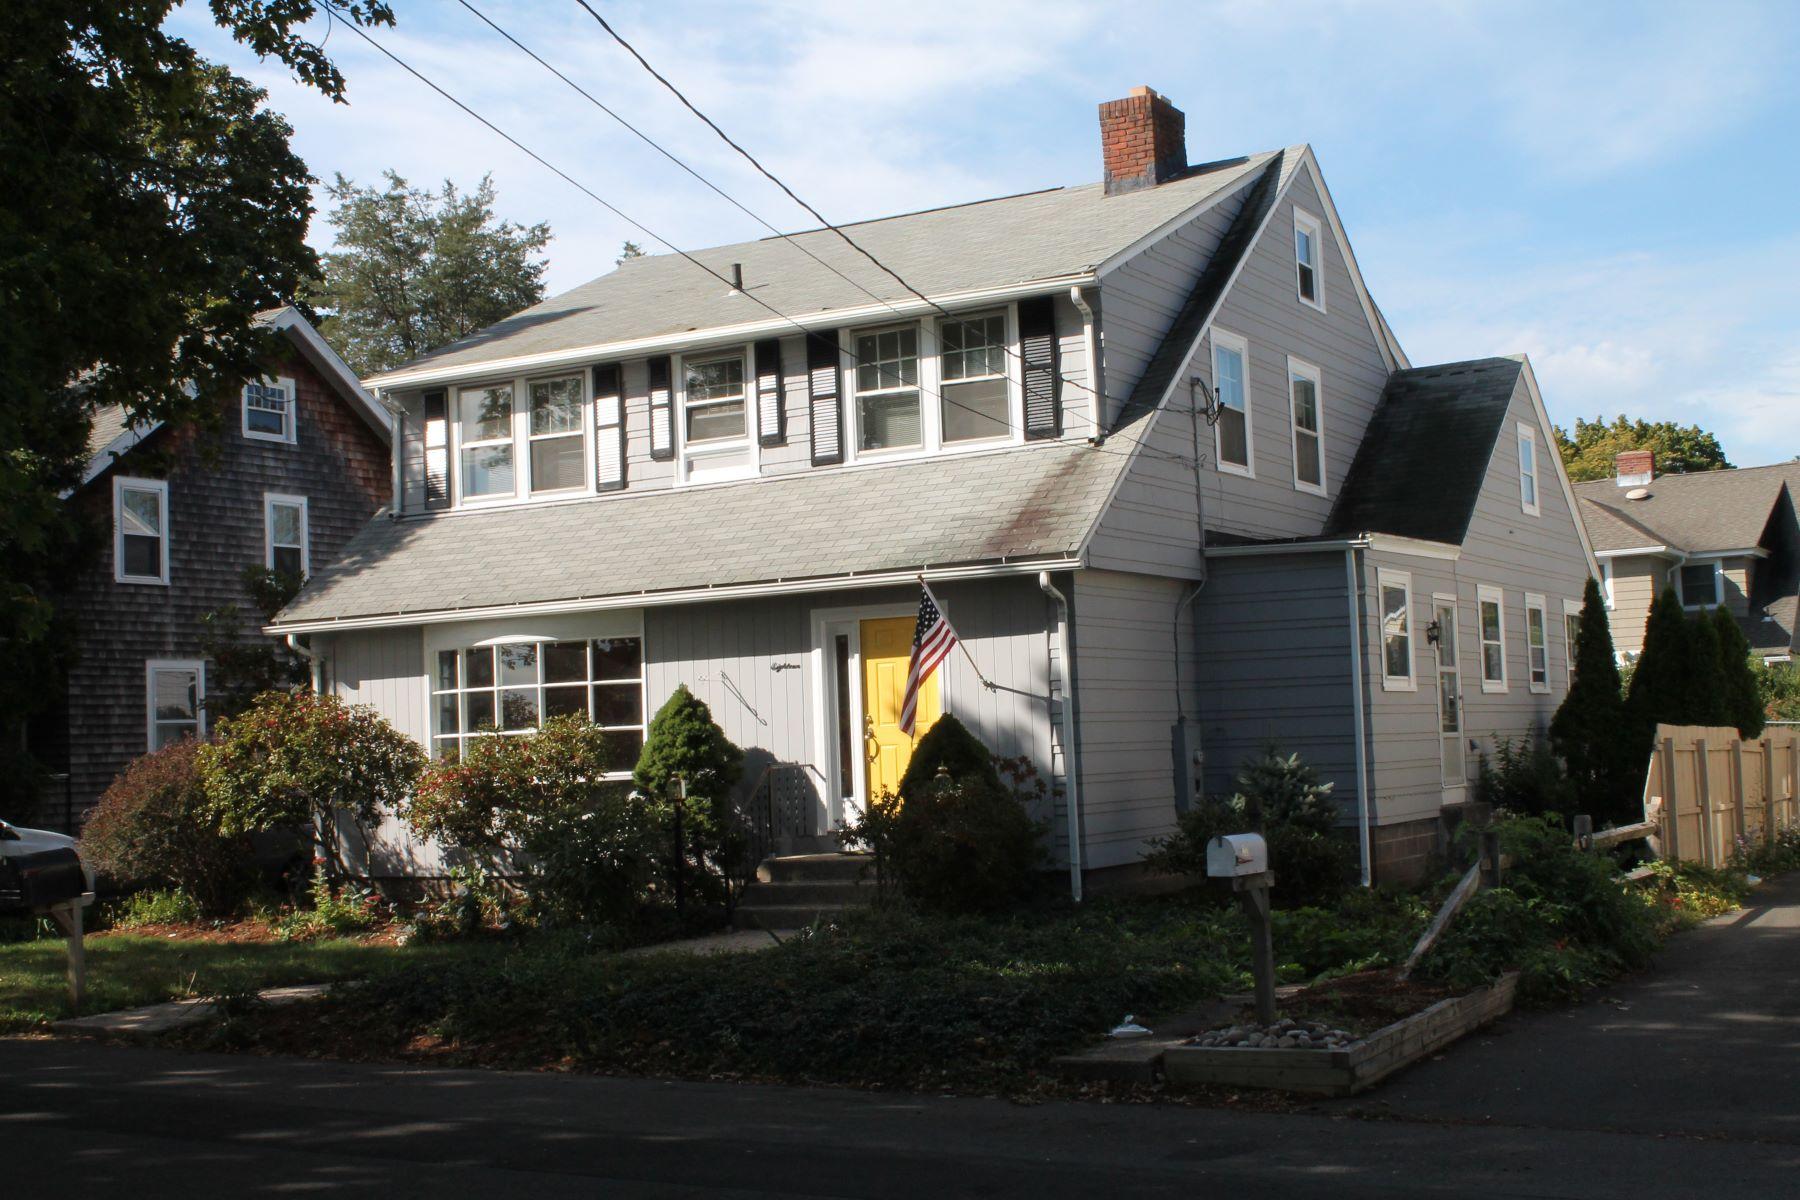 独户住宅 为 销售 在 Pine Orchard Gem 18 Hart Avenue, 布兰福德, 康涅狄格州, 06405 美国